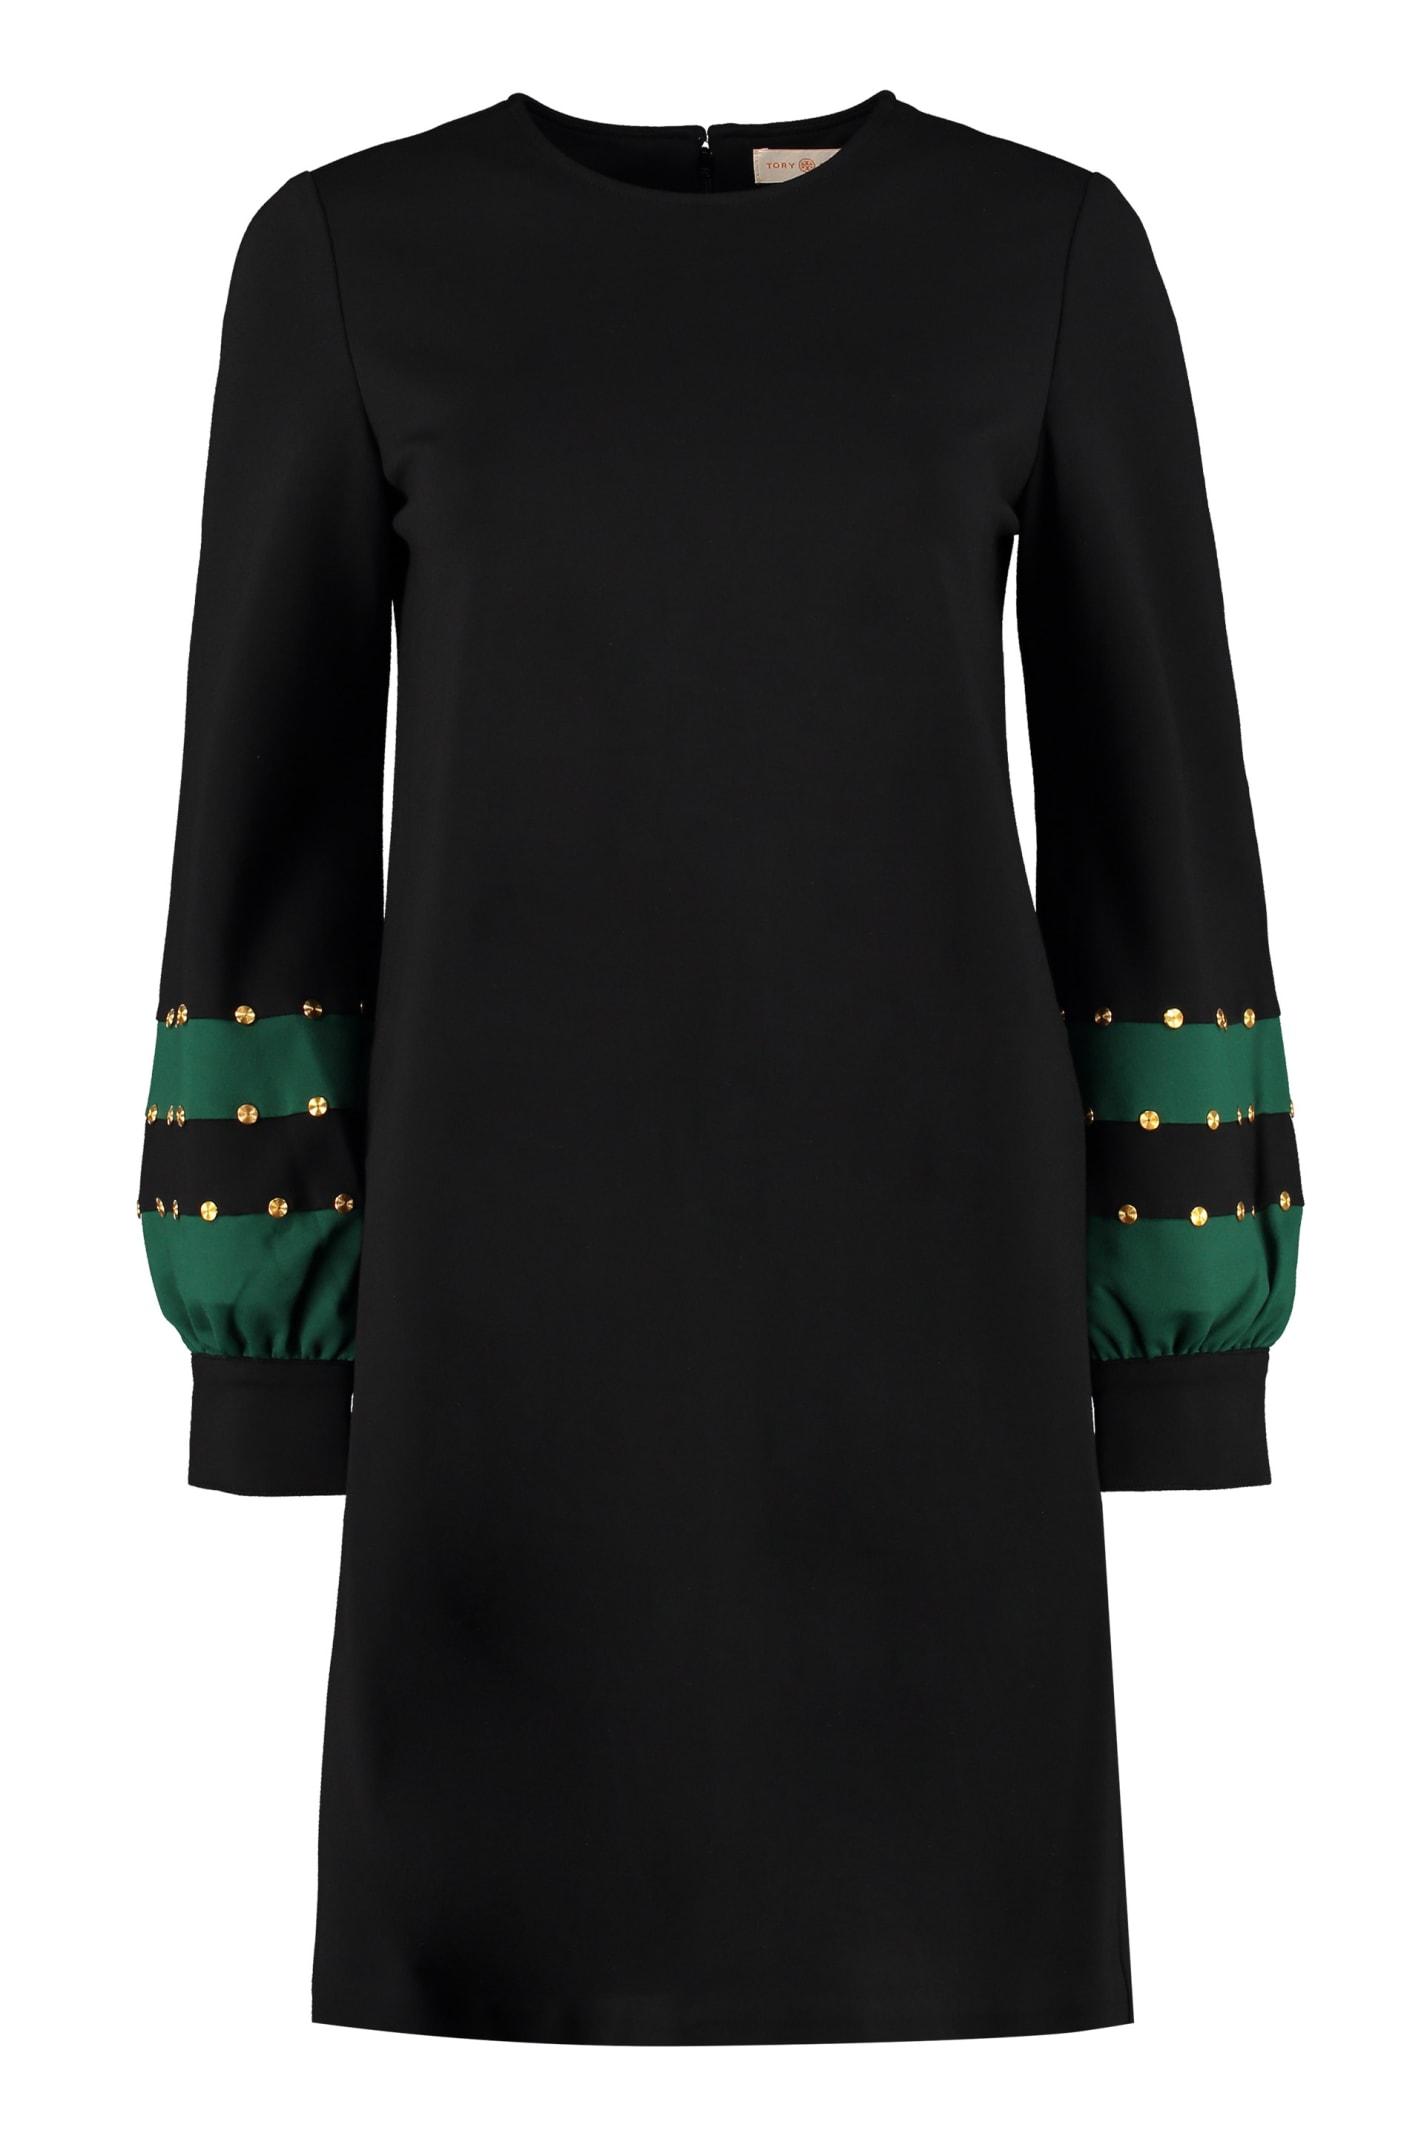 Tory Burch Ponte Embellished Color-block Dress